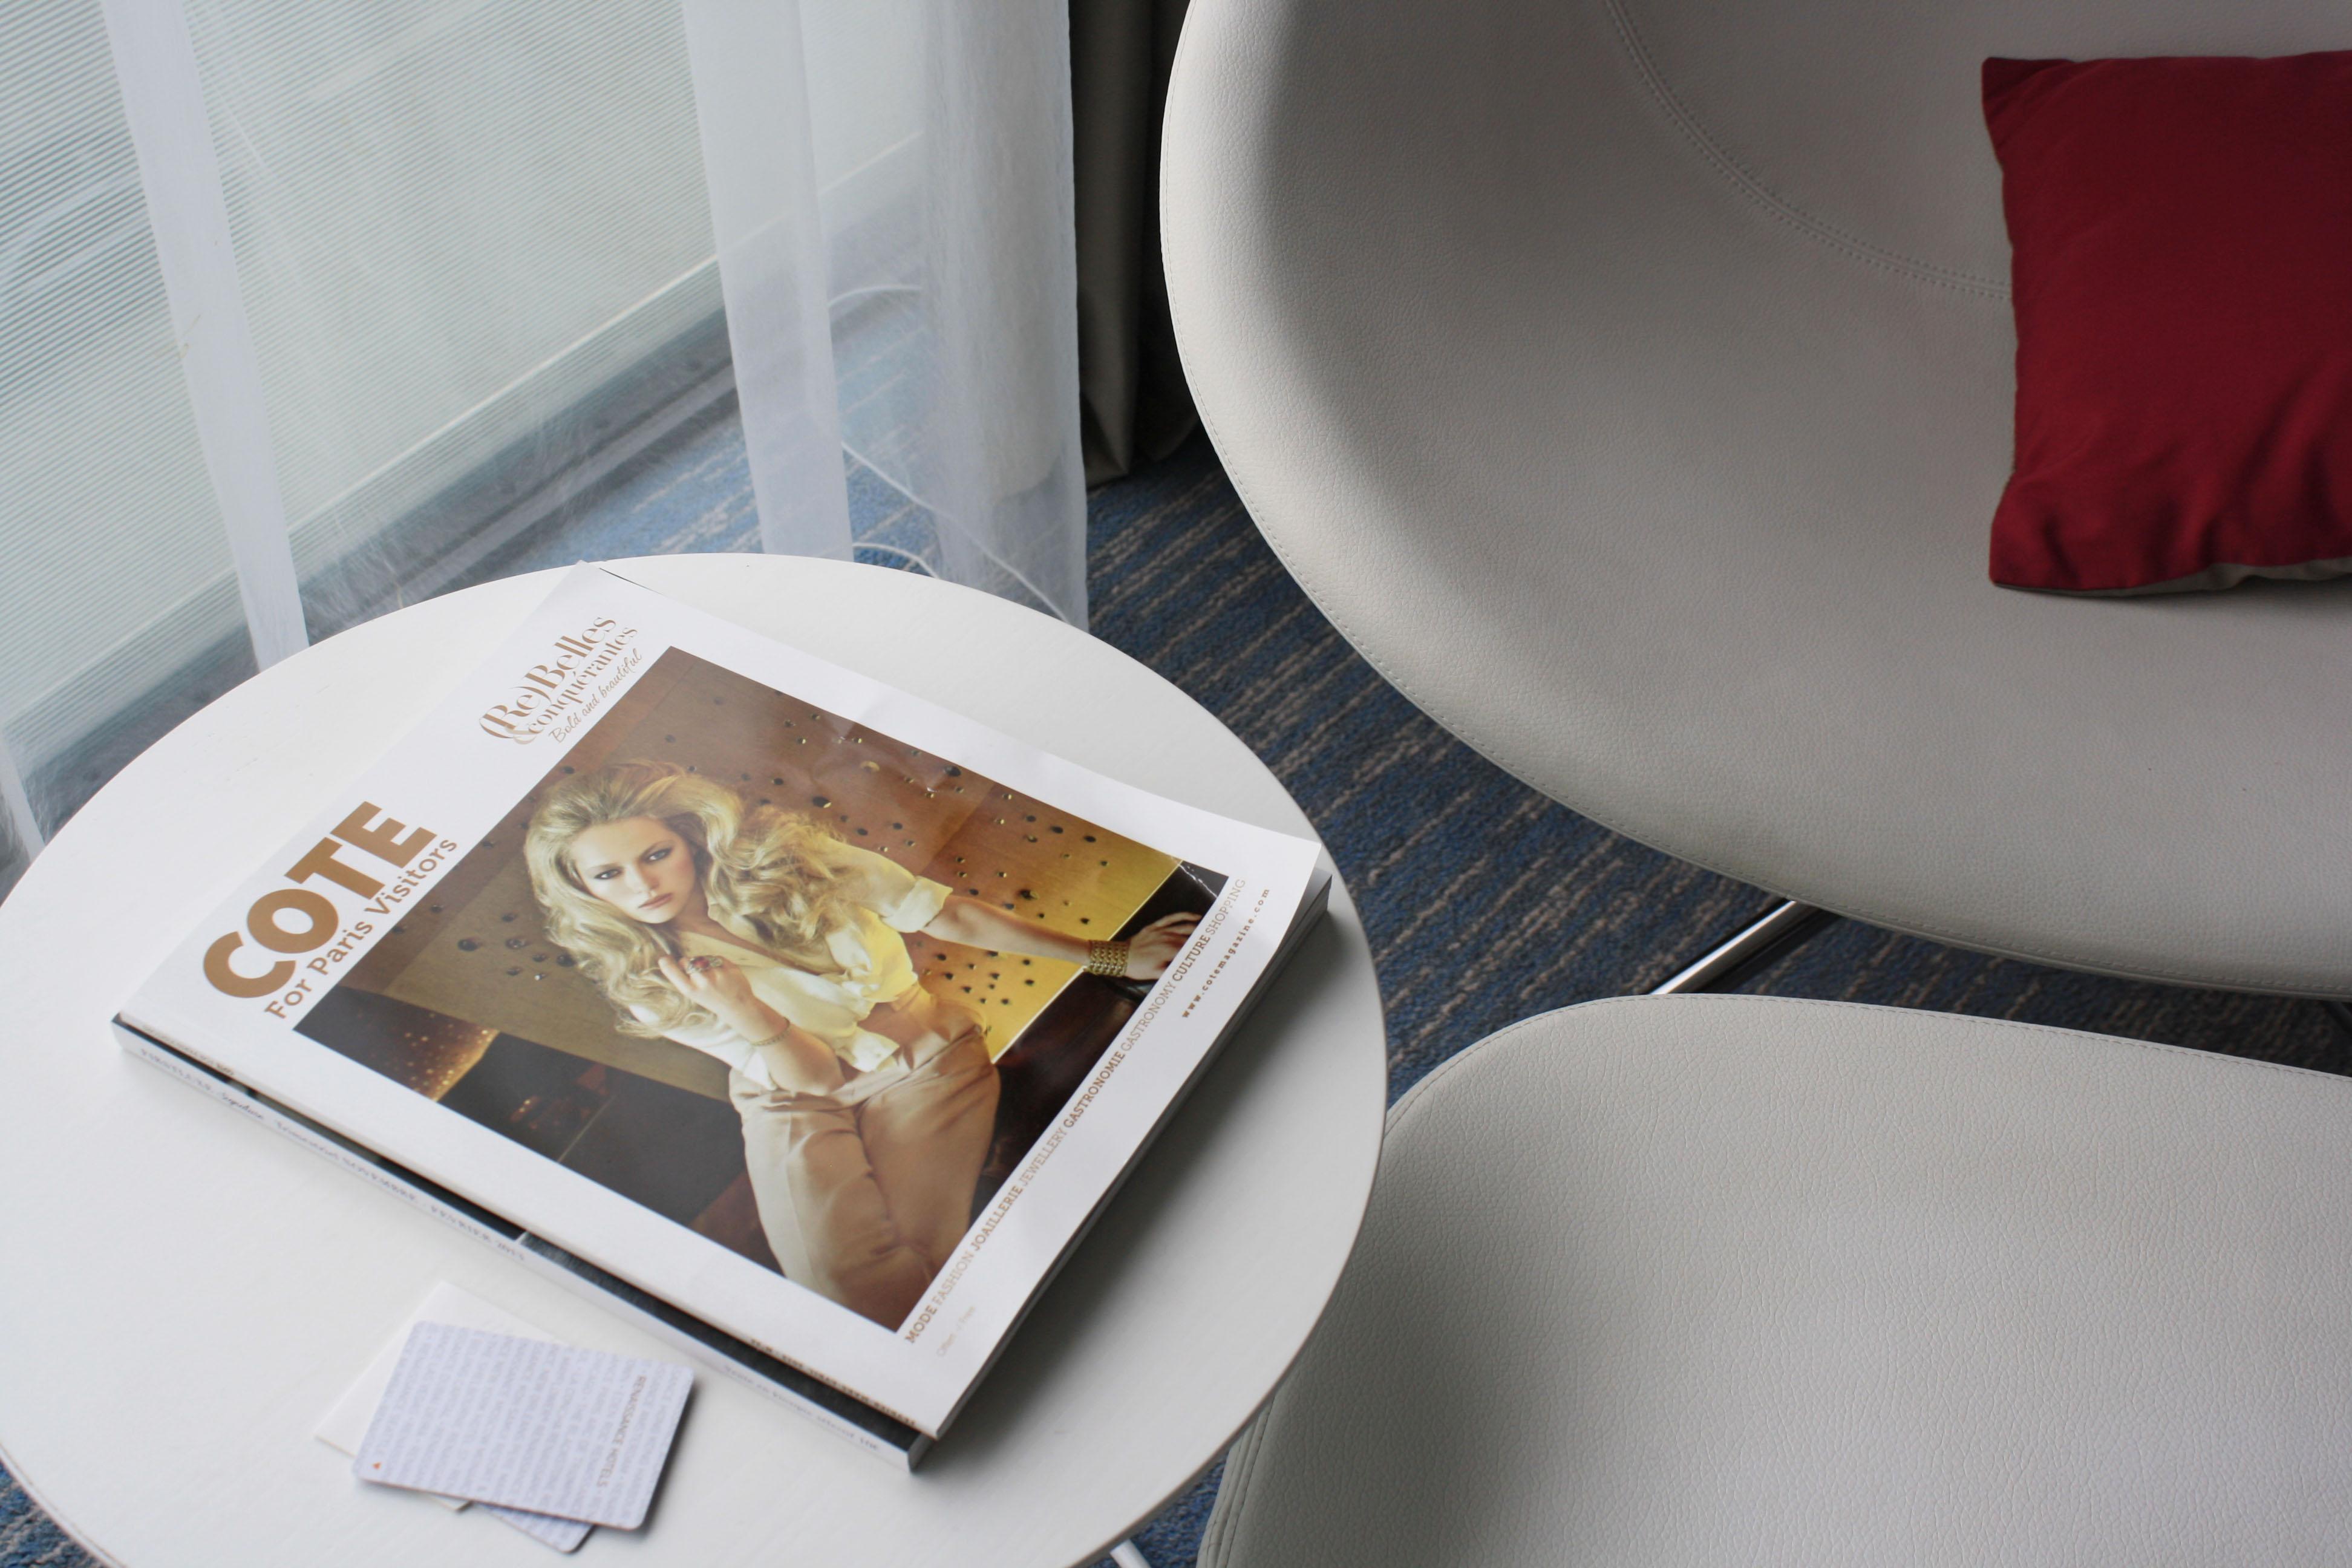 renaissance arc de triomphe hotel paris scarlett london